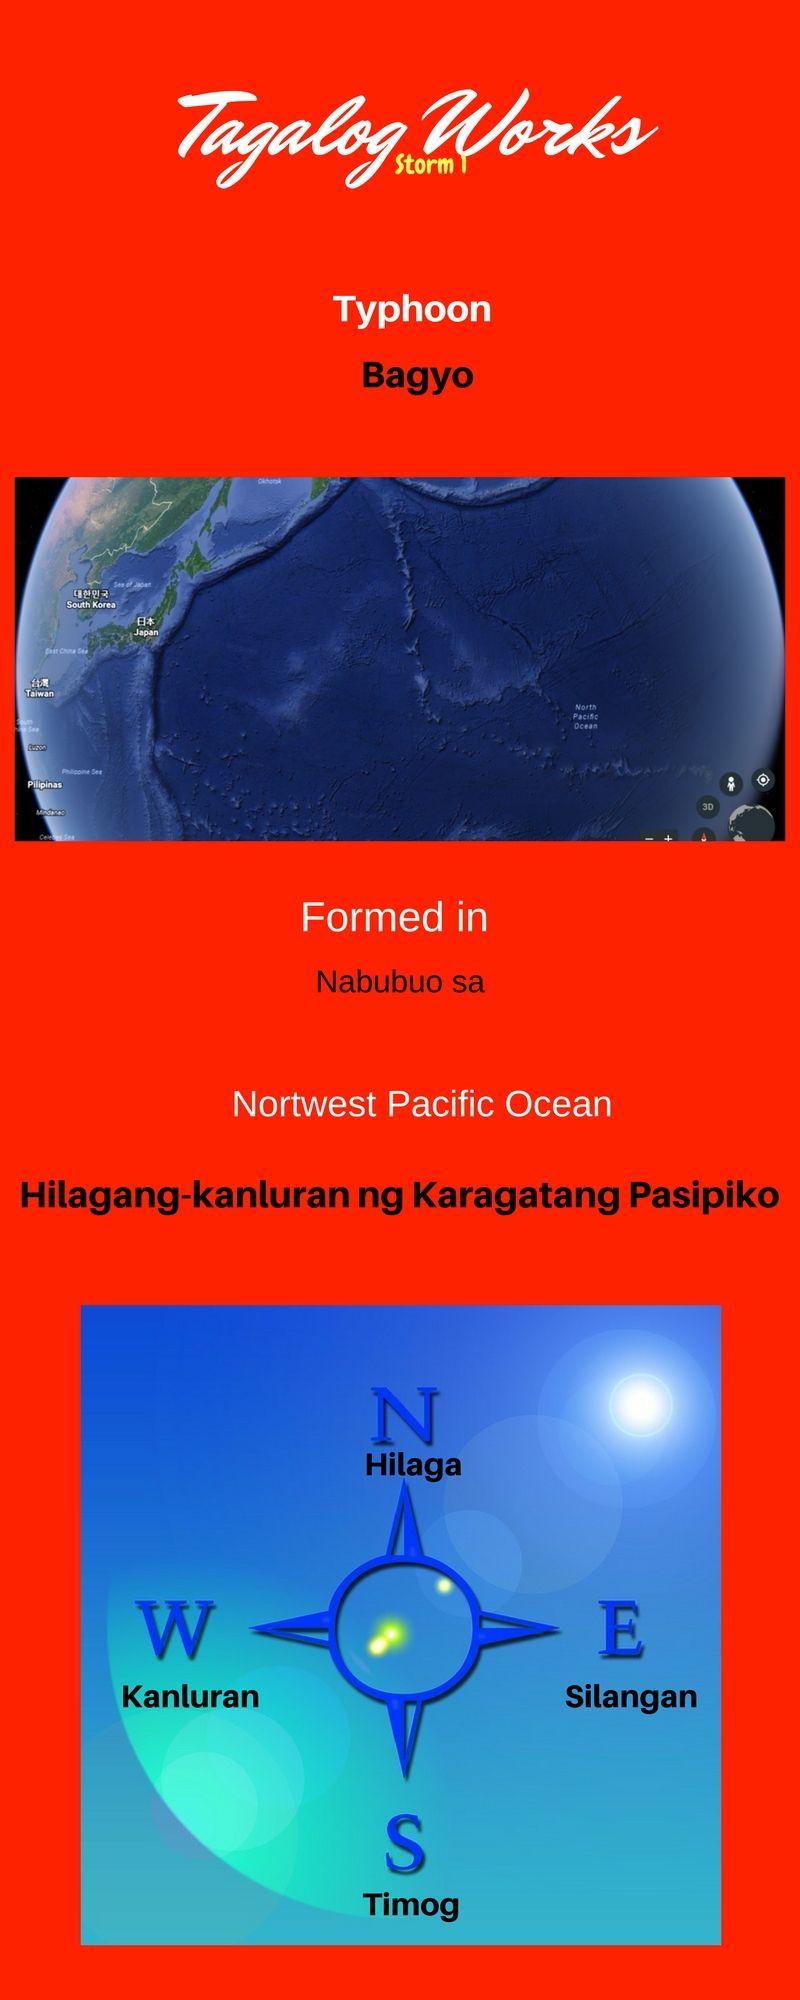 Tagalog ng mingle